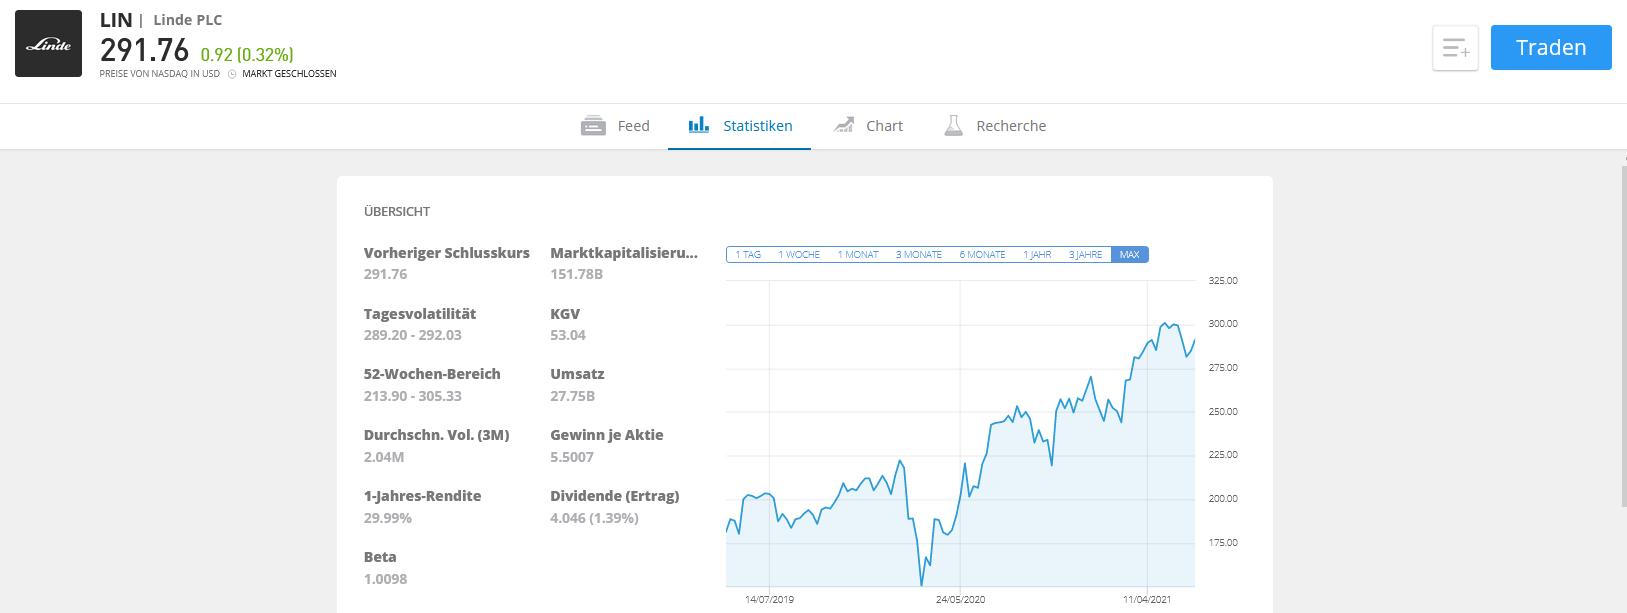 Wasserstoff Aktien kaufenb eToro Linde